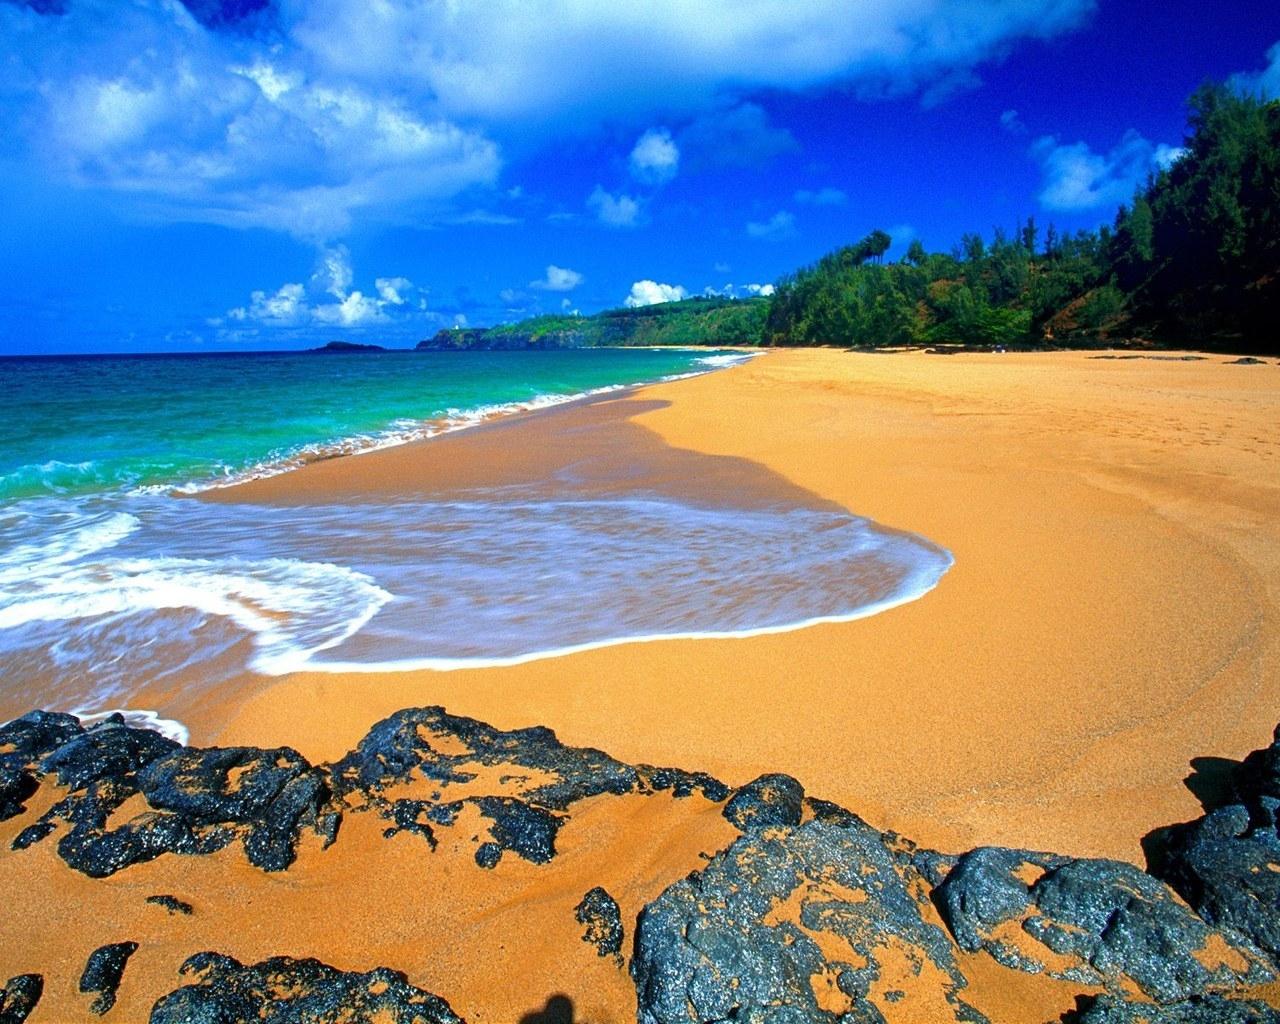 8178 скачать обои Пейзаж, Природа, Камни, Небо, Море, Облака, Песок - заставки и картинки бесплатно